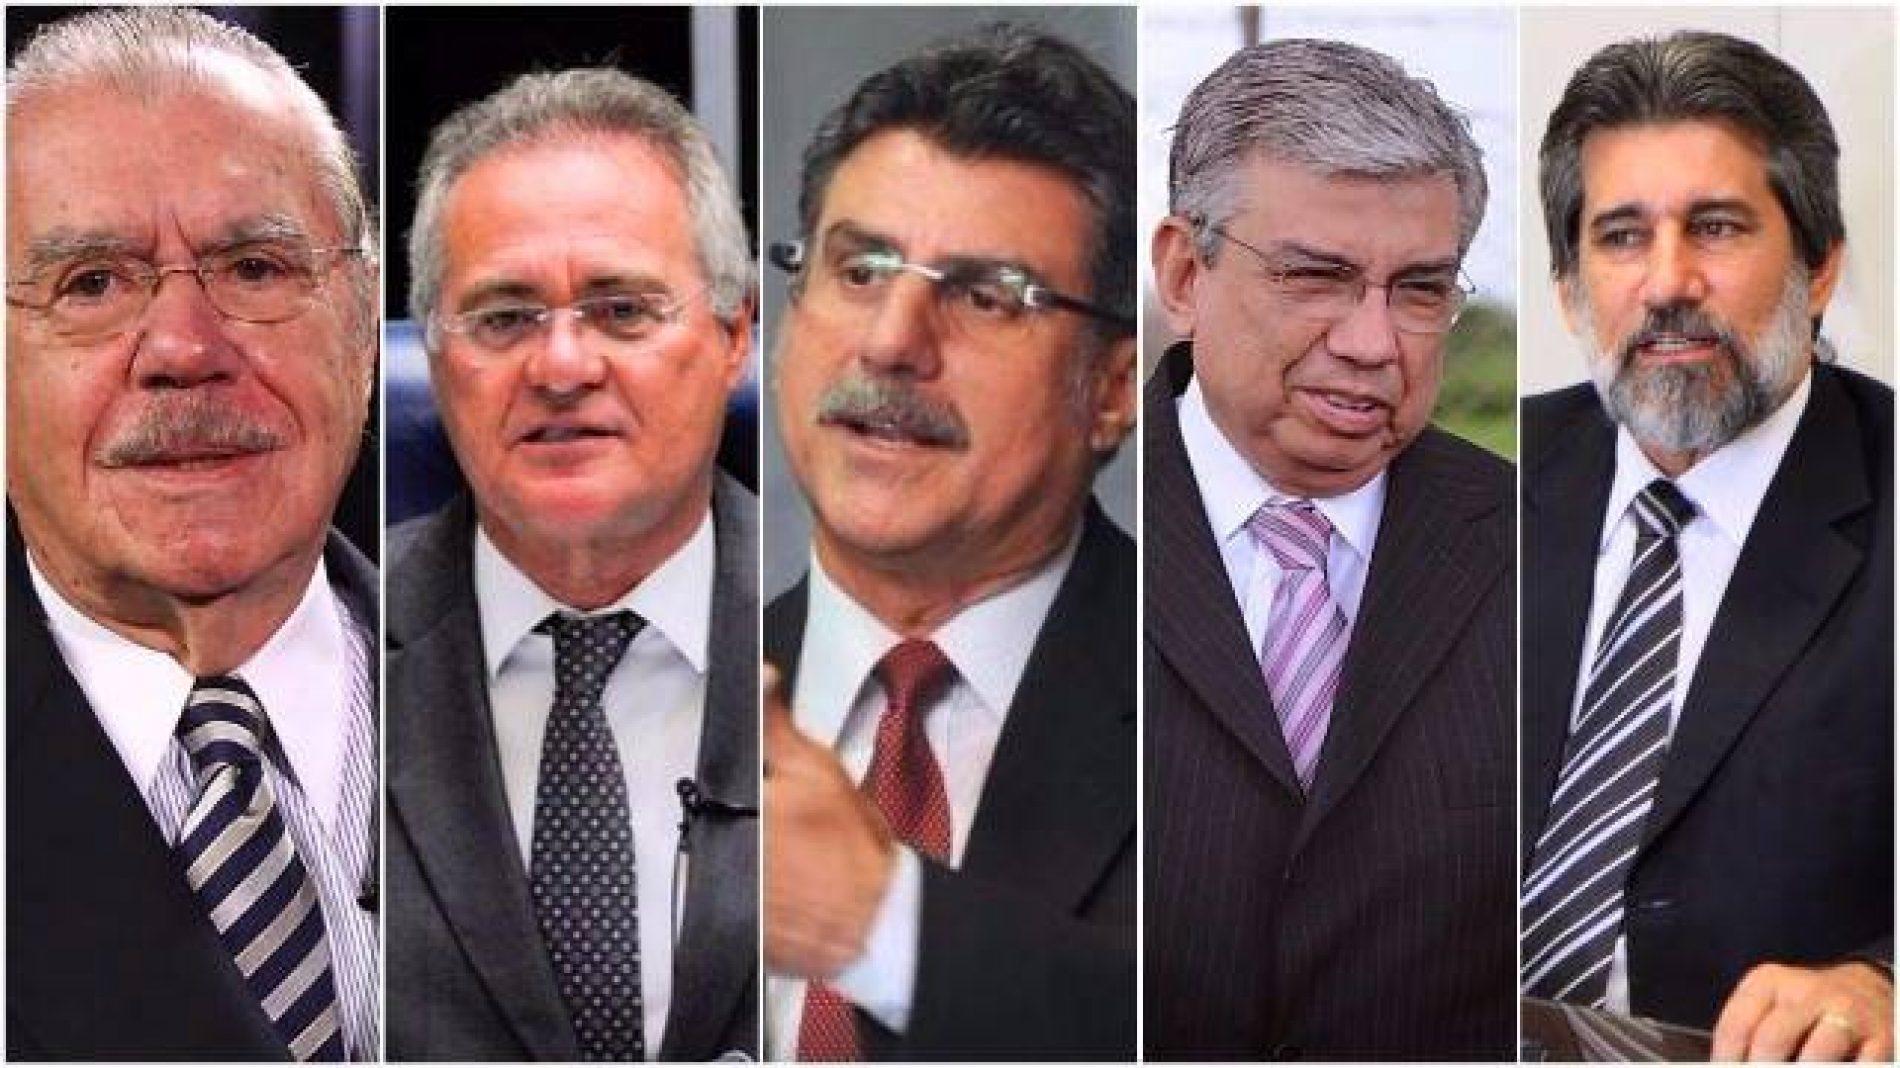 Janot denuncia Renan, Jucá, Sarney e mais 6 por corrupção e lavagem